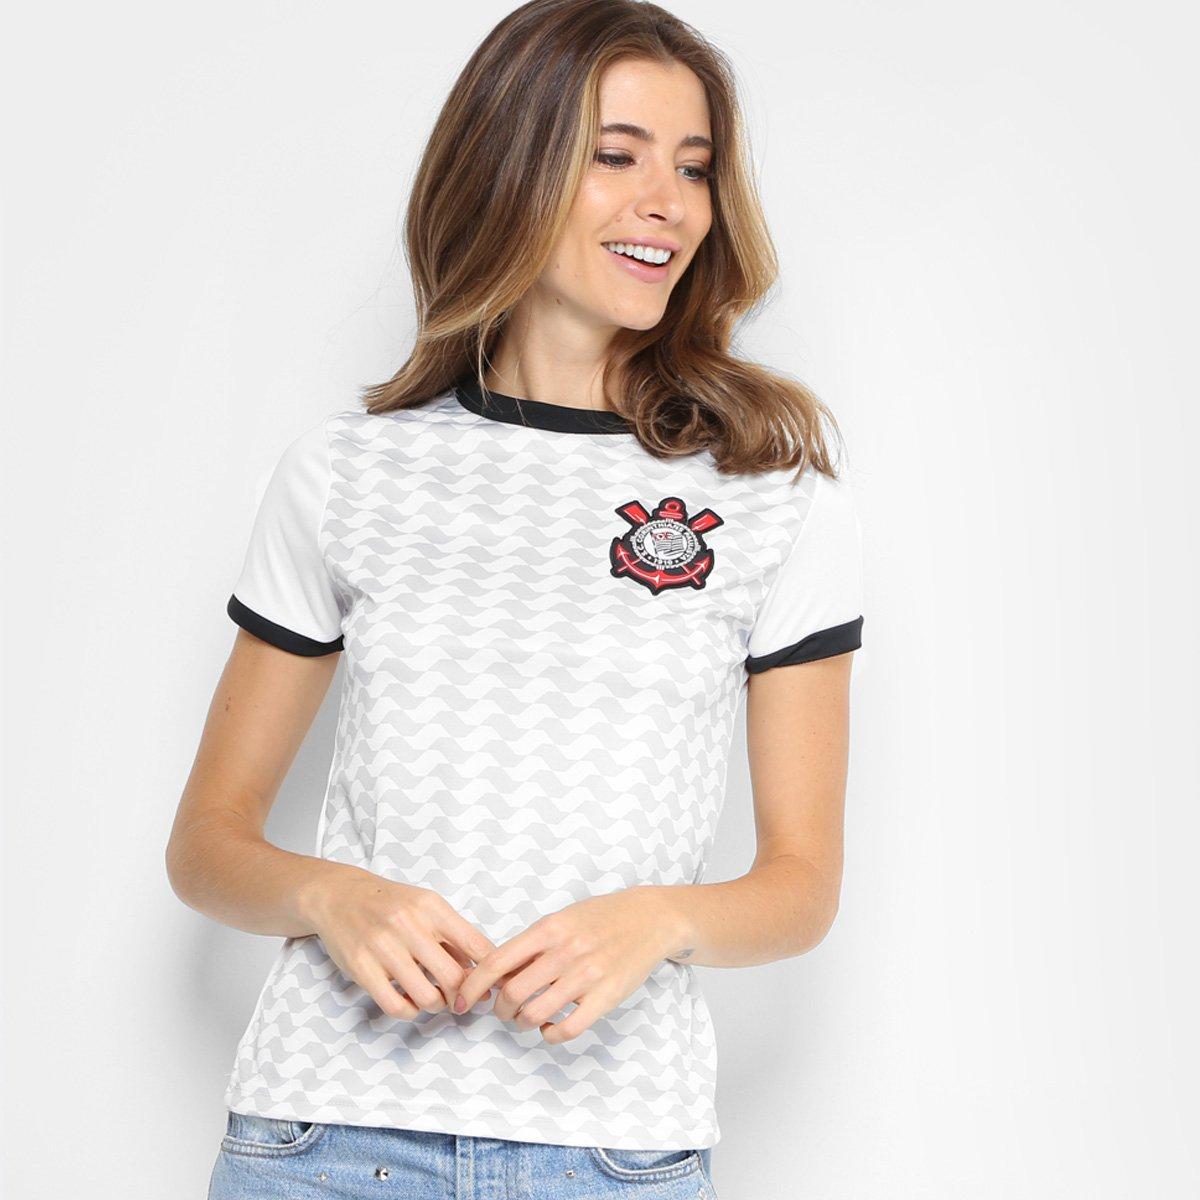 1e40388c13 Camisa Corinthians Libertados C  Patch Feminina - Branco - Compre ...